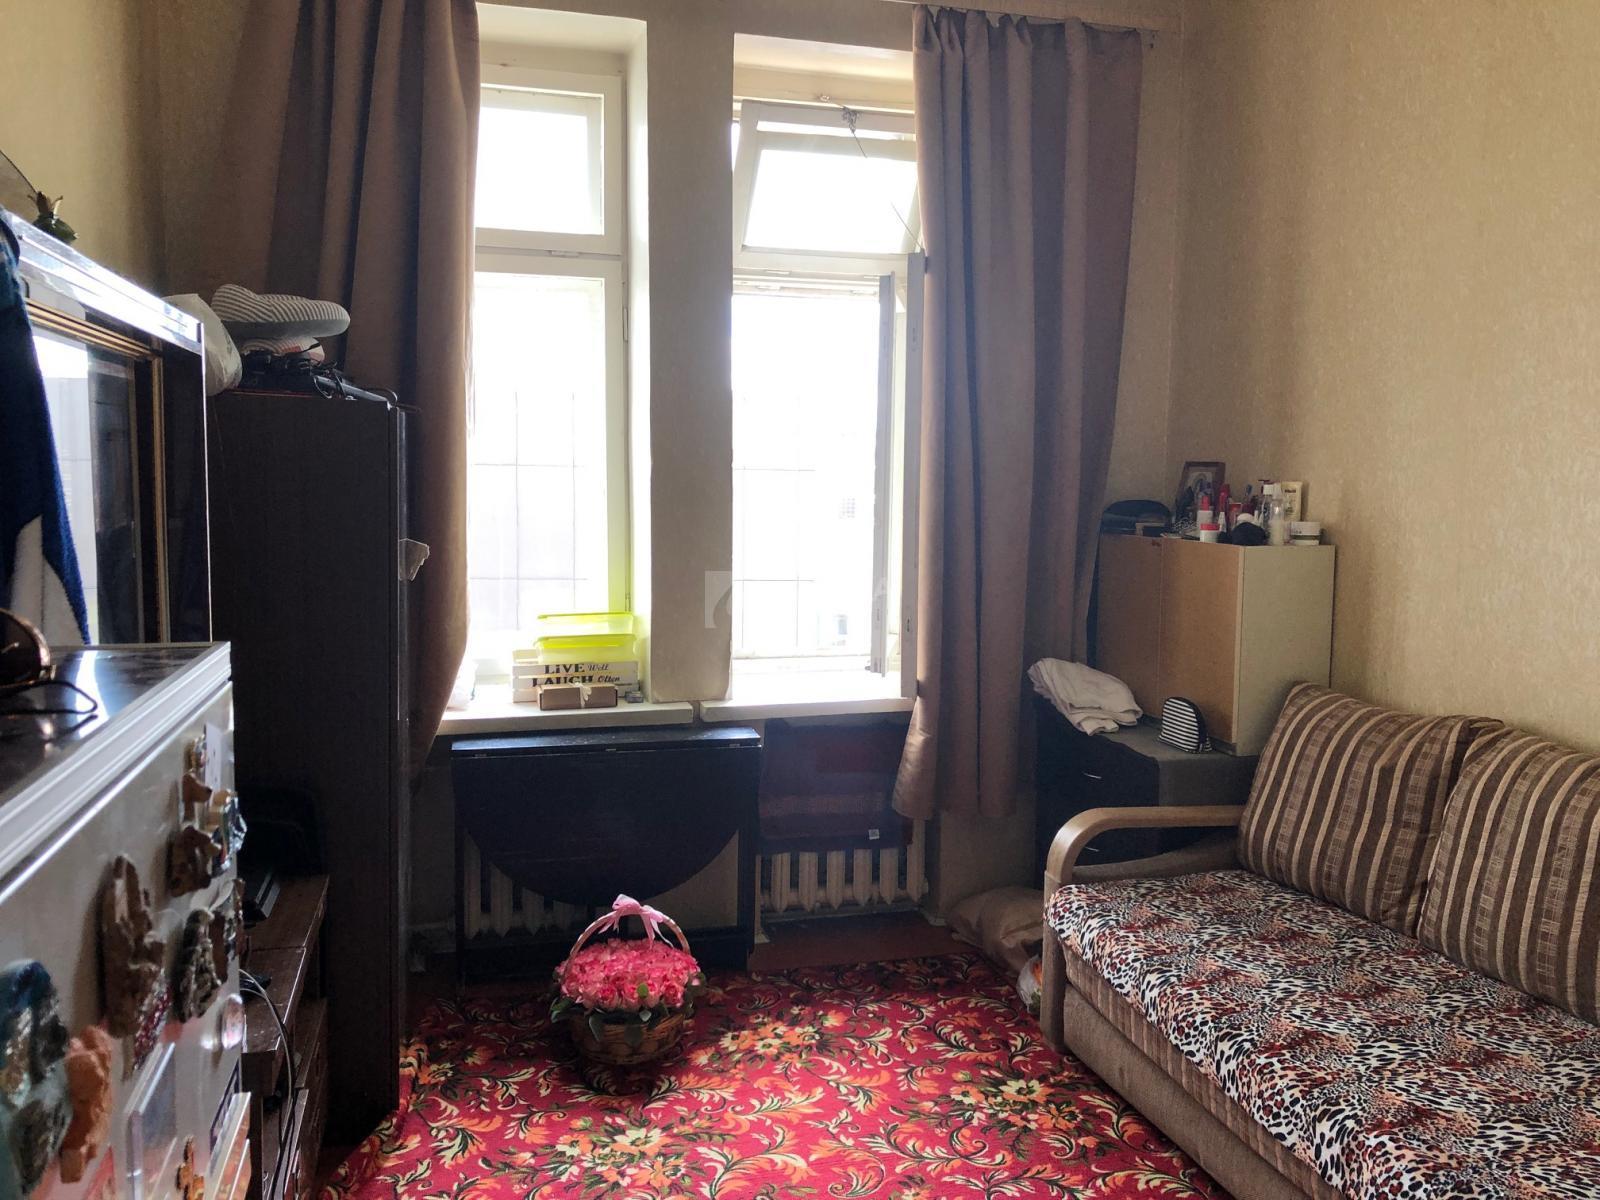 Фото №9 - 7-комнатная квартира, Москва, Николопесковский М. переулок 11 корпус 2 строение 1, метро Смоленская